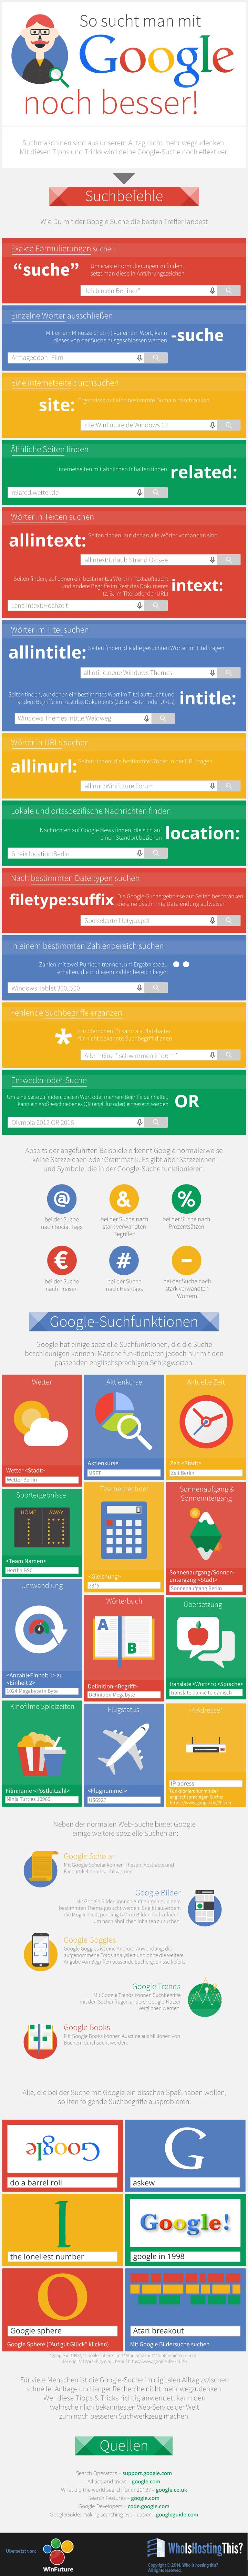 """© Infografik: """"How To Become A Google Power User"""" von whoishostingthis.com. Die deutsche Übersetzung der Grafik stammt von winfuture.de."""